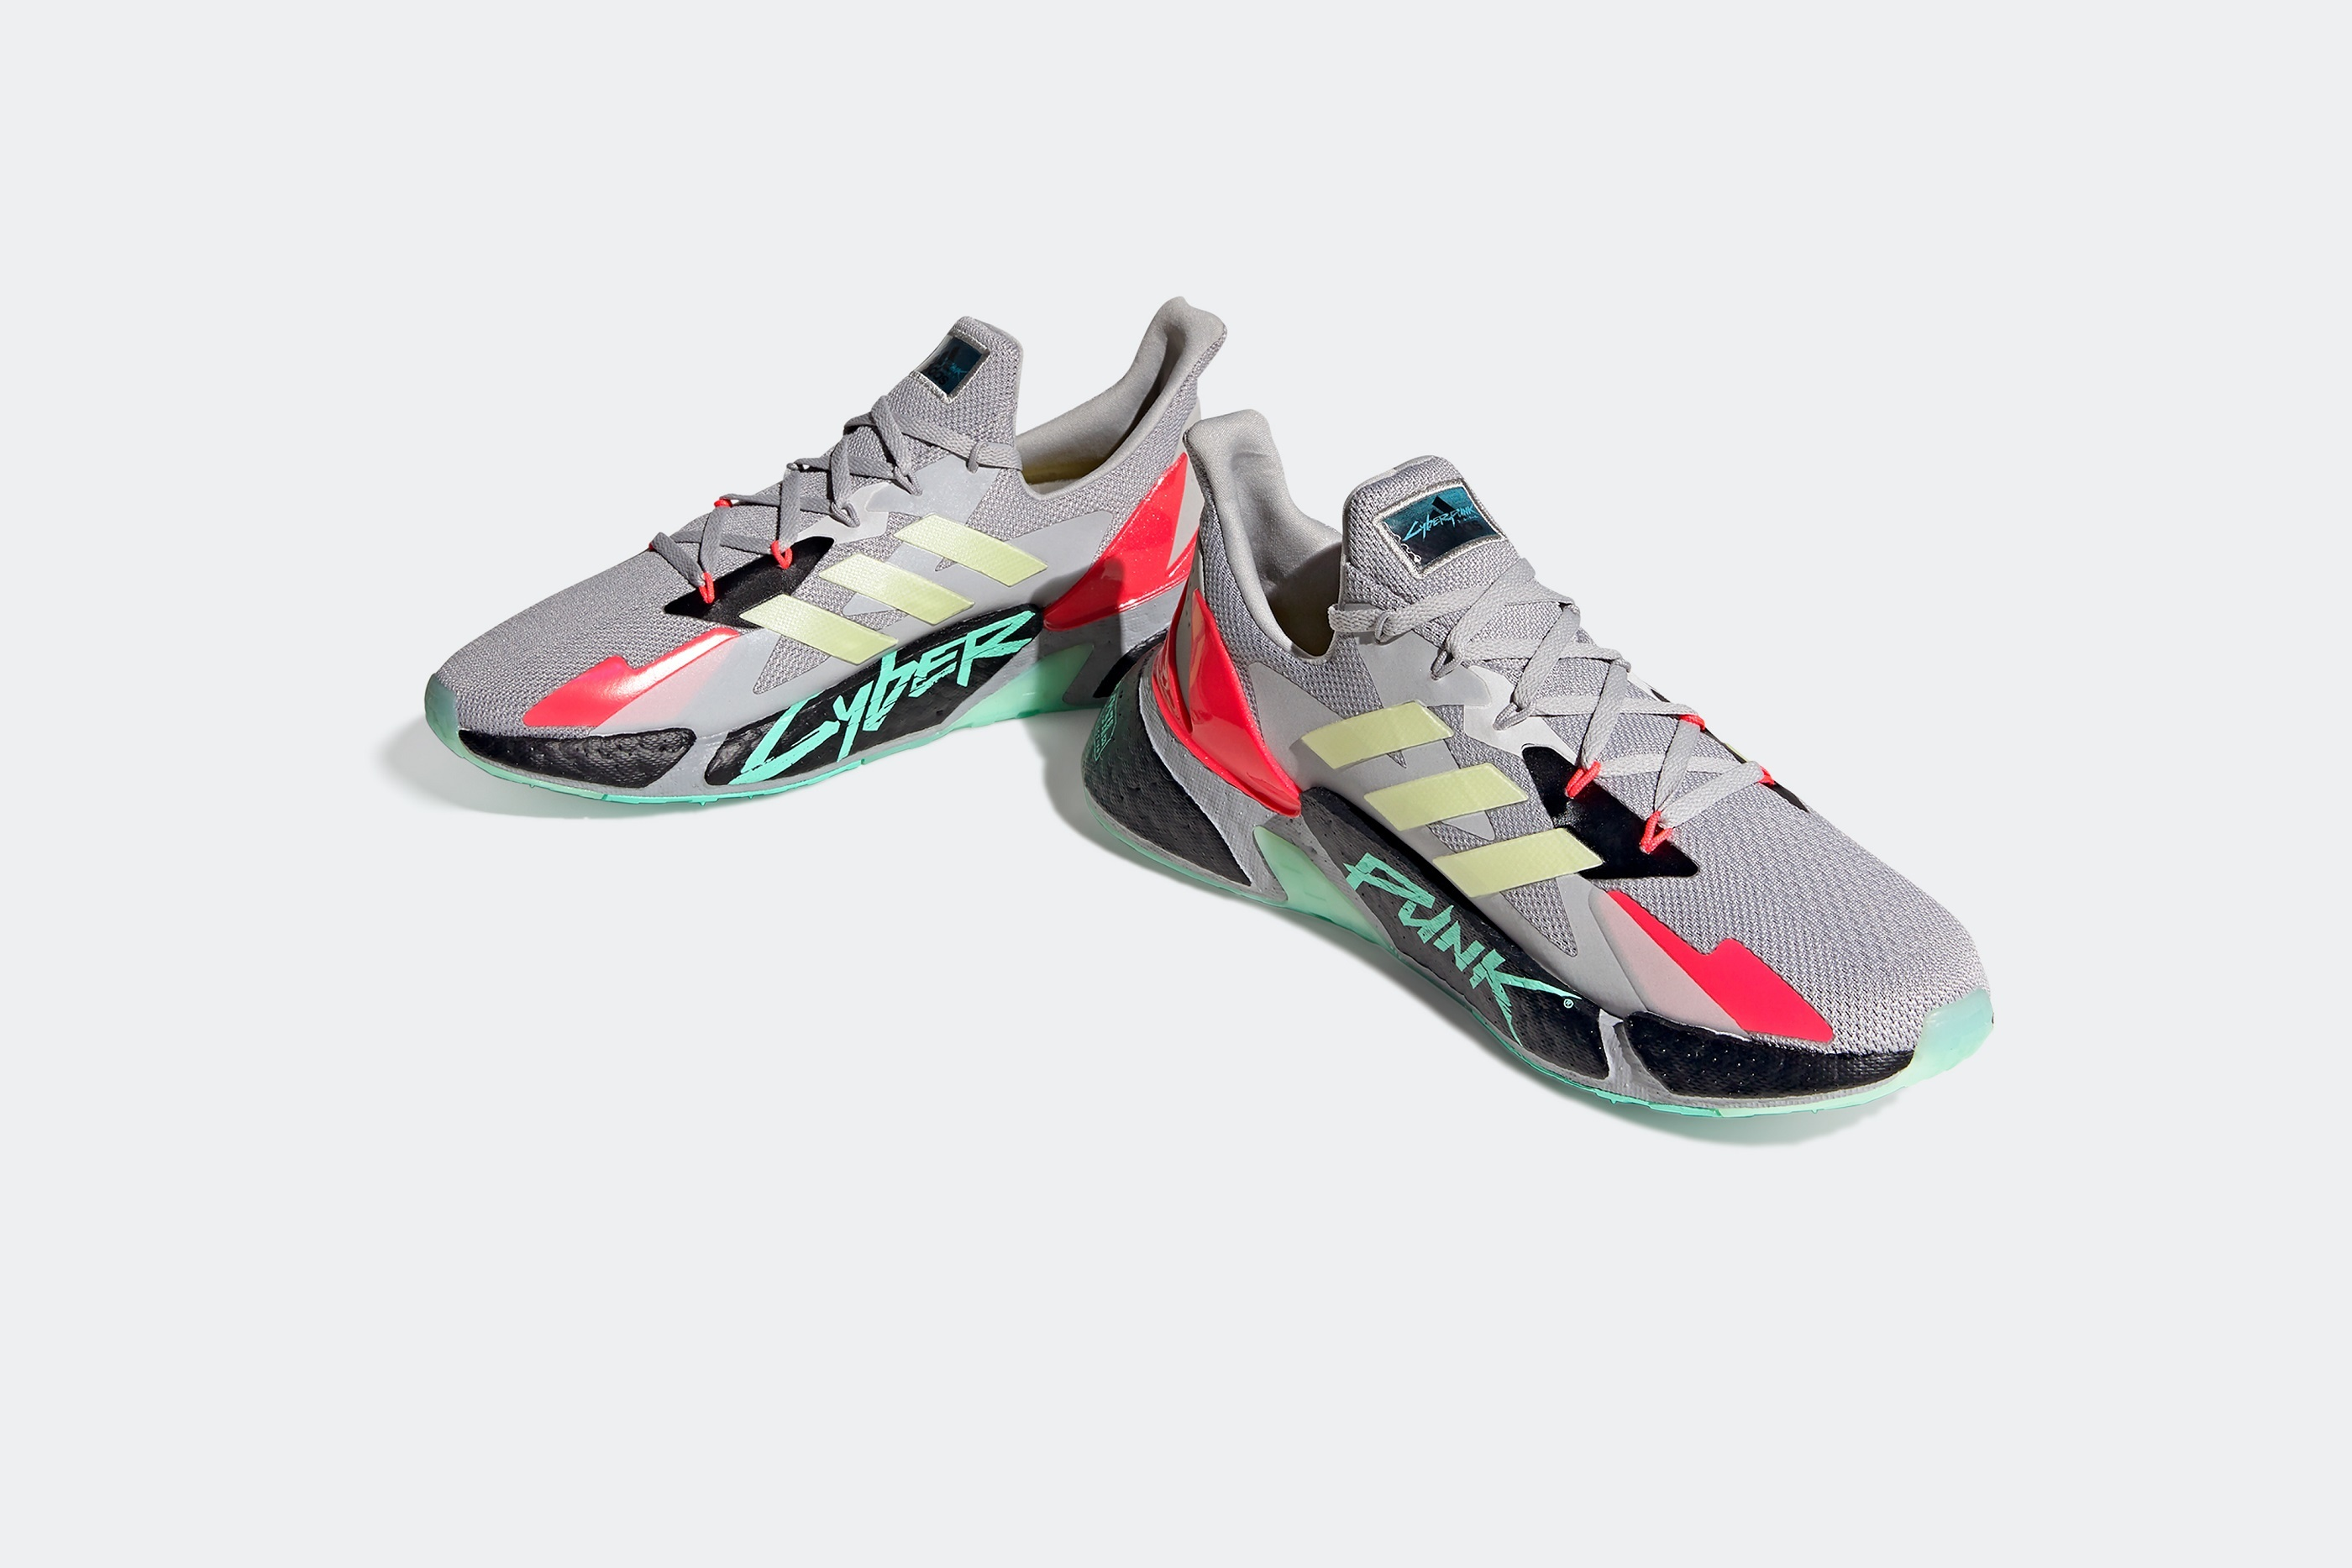 《赛博朋克2077》联动阿迪达斯推出跑鞋 科幻风酷炫